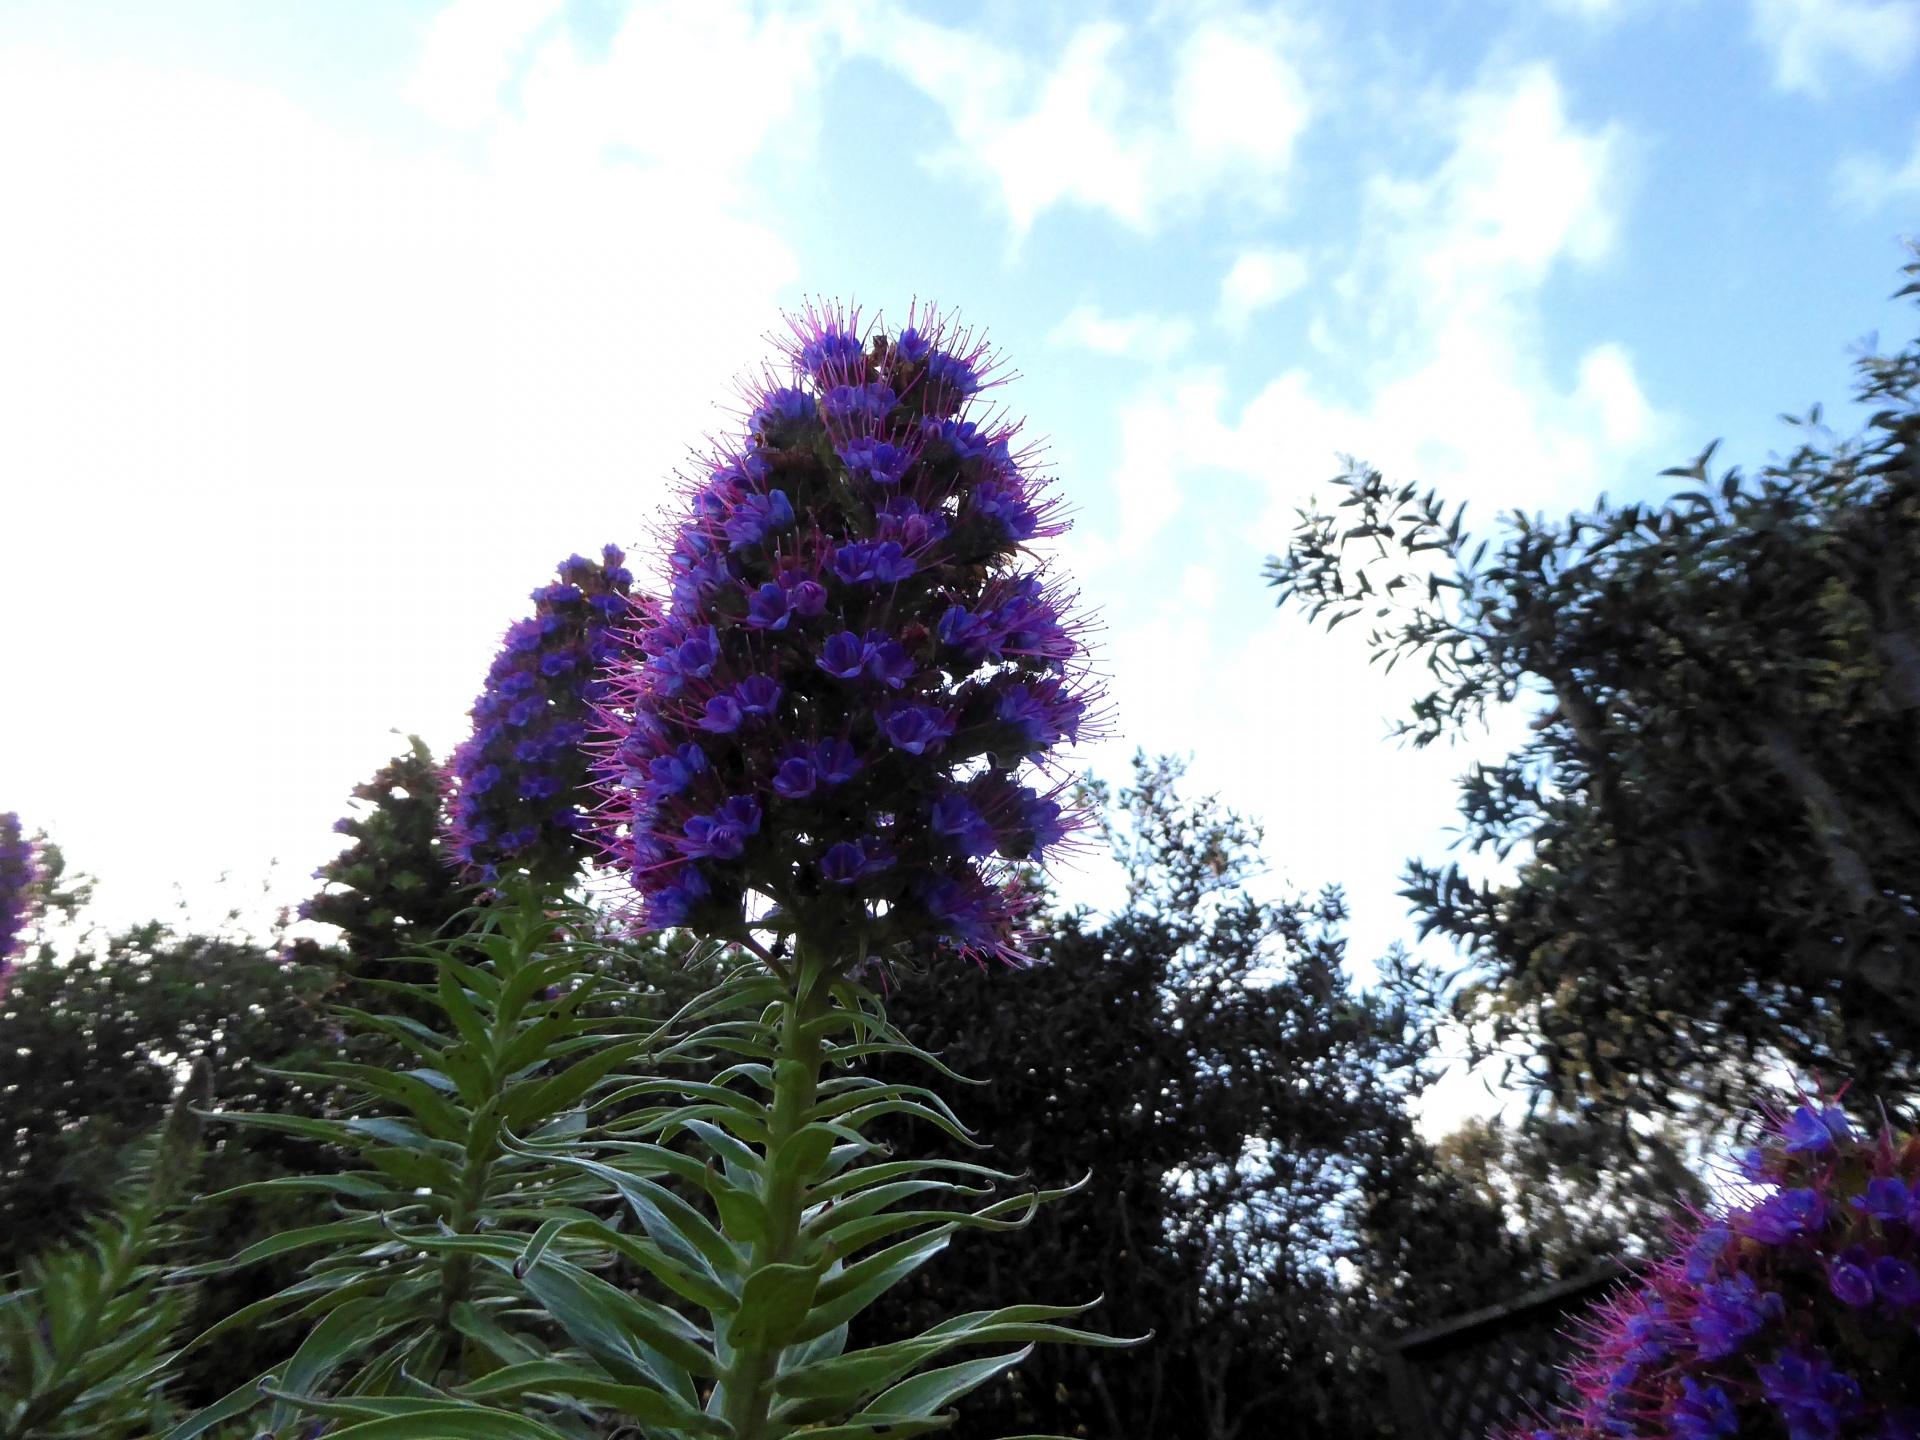 Purpleflowerperennialsshapedtriangular Free Photo From Needpix